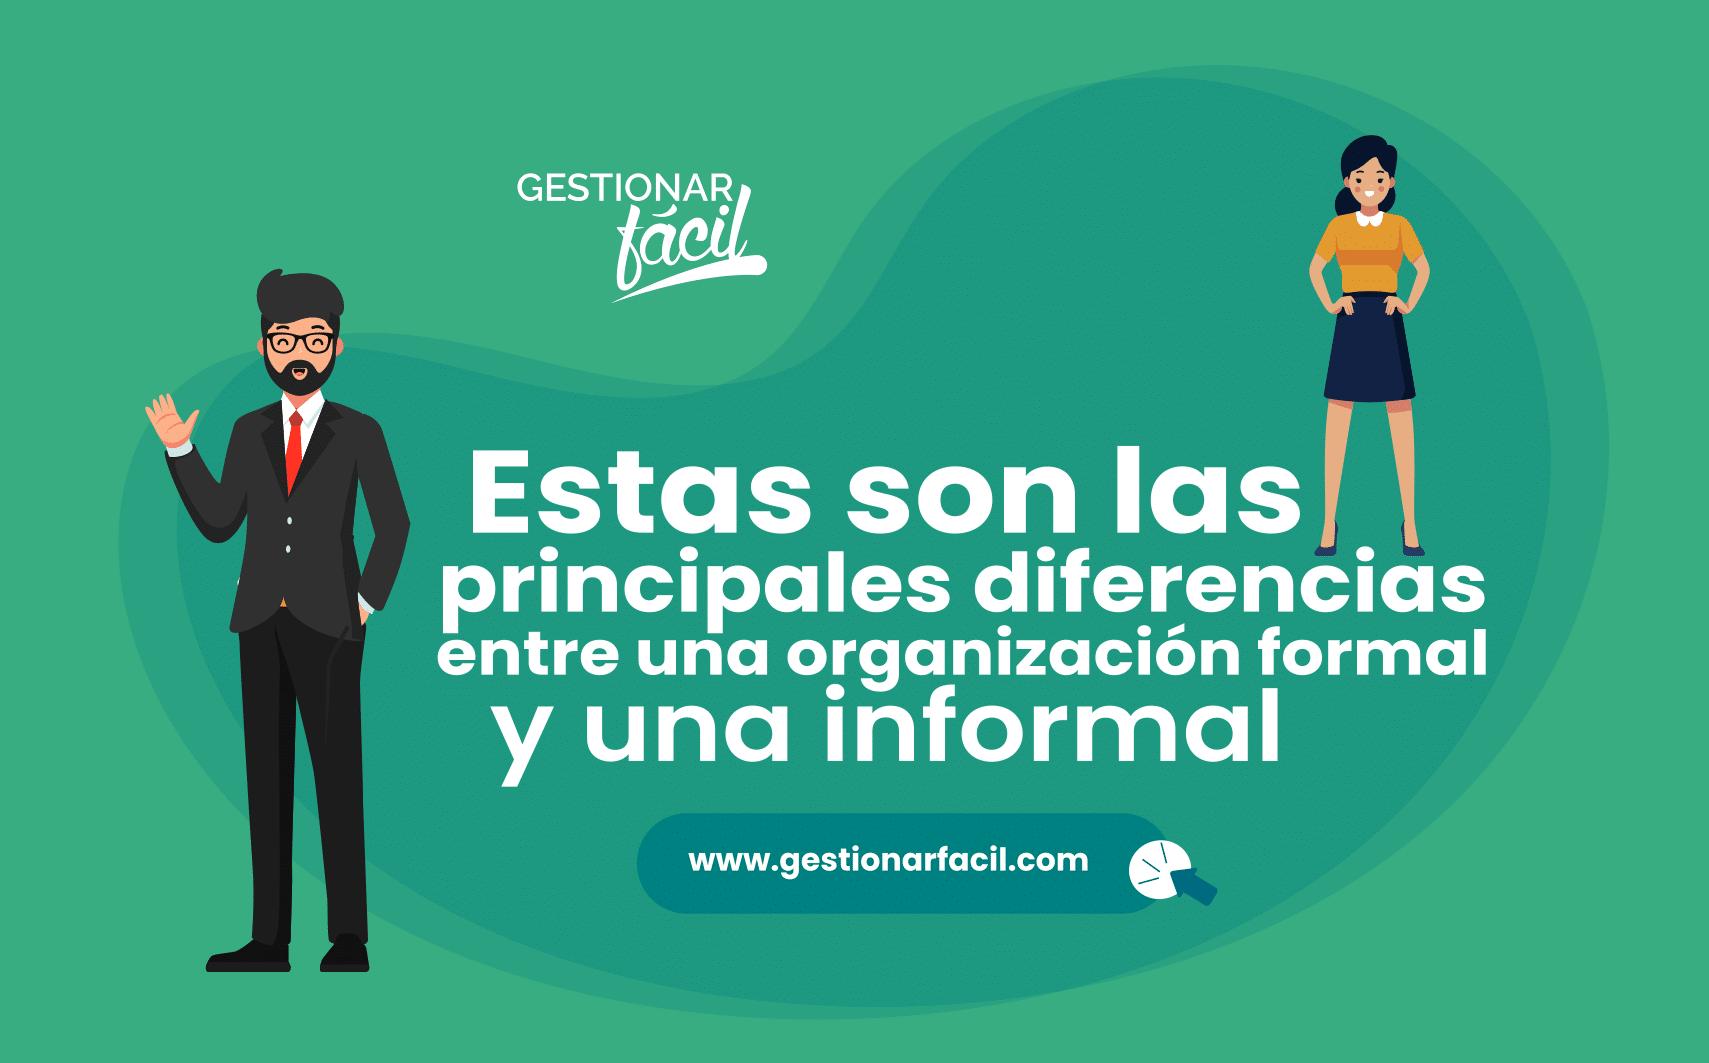 La organización formal está basada en la división del trabajo, establecida y aprobada por el empresario y su equipo